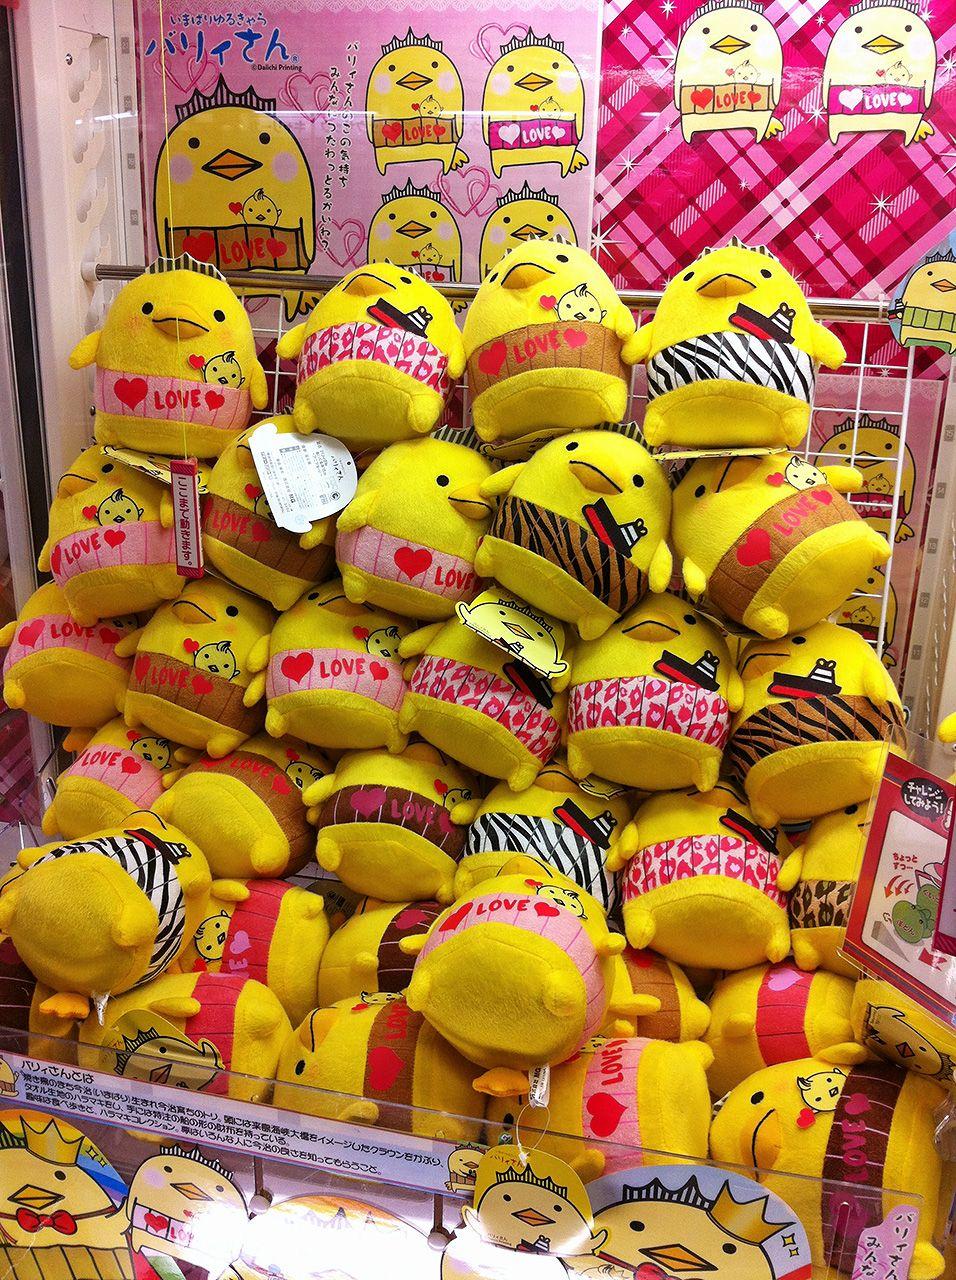 Bary-san the kawaii chicken UFO Catcher in Shinjuku (desde Tokyo Fashion)